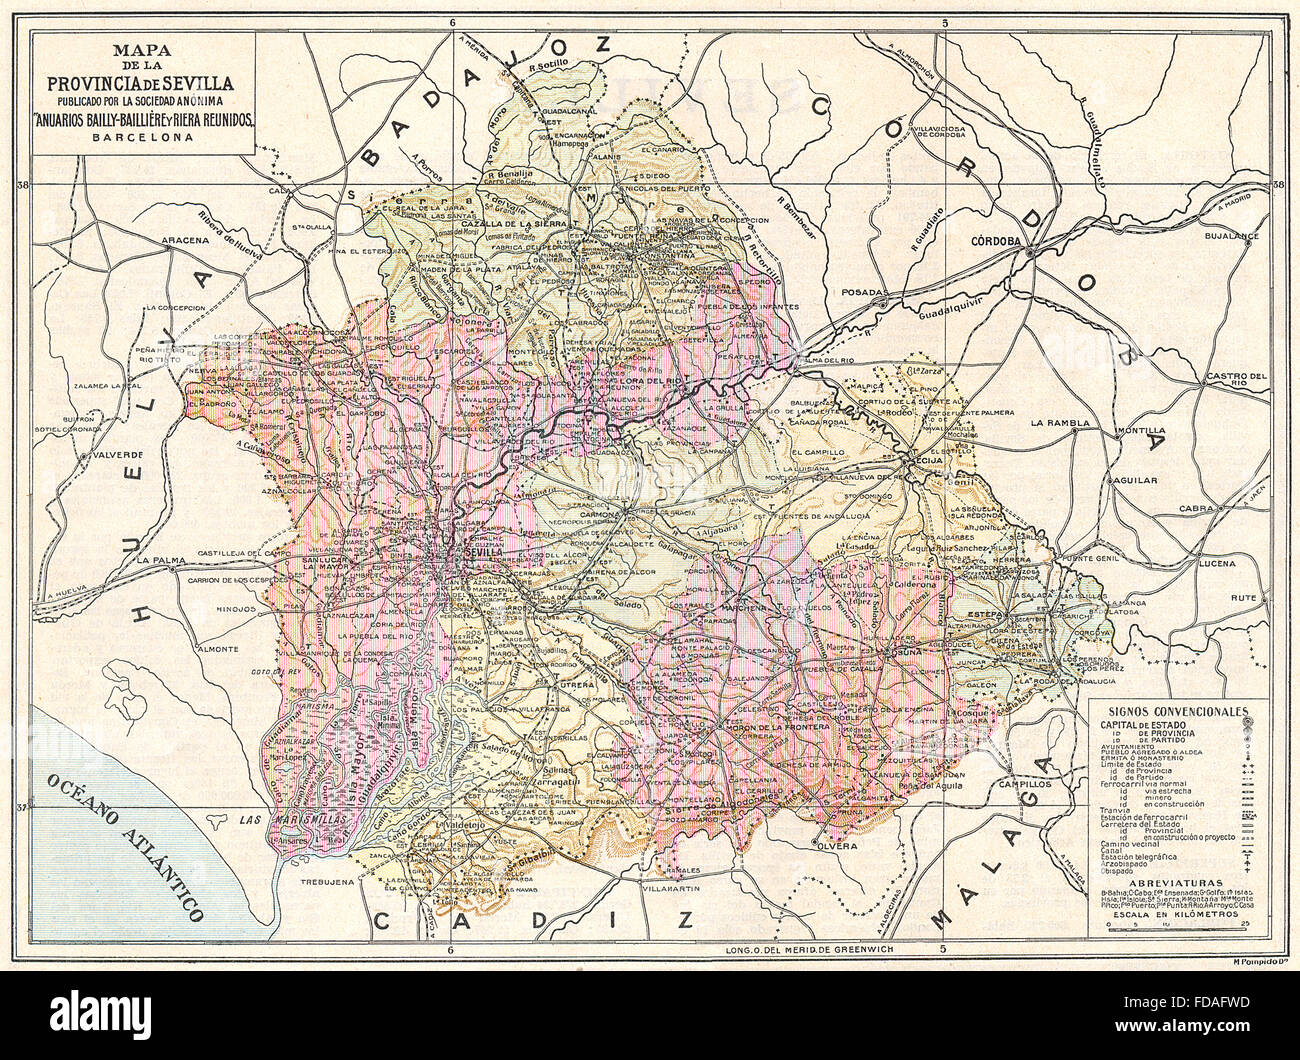 Provincia De Sevilla Mapa.Spain Mapa De La Provincia De Sevilla 1913 Stock Photo